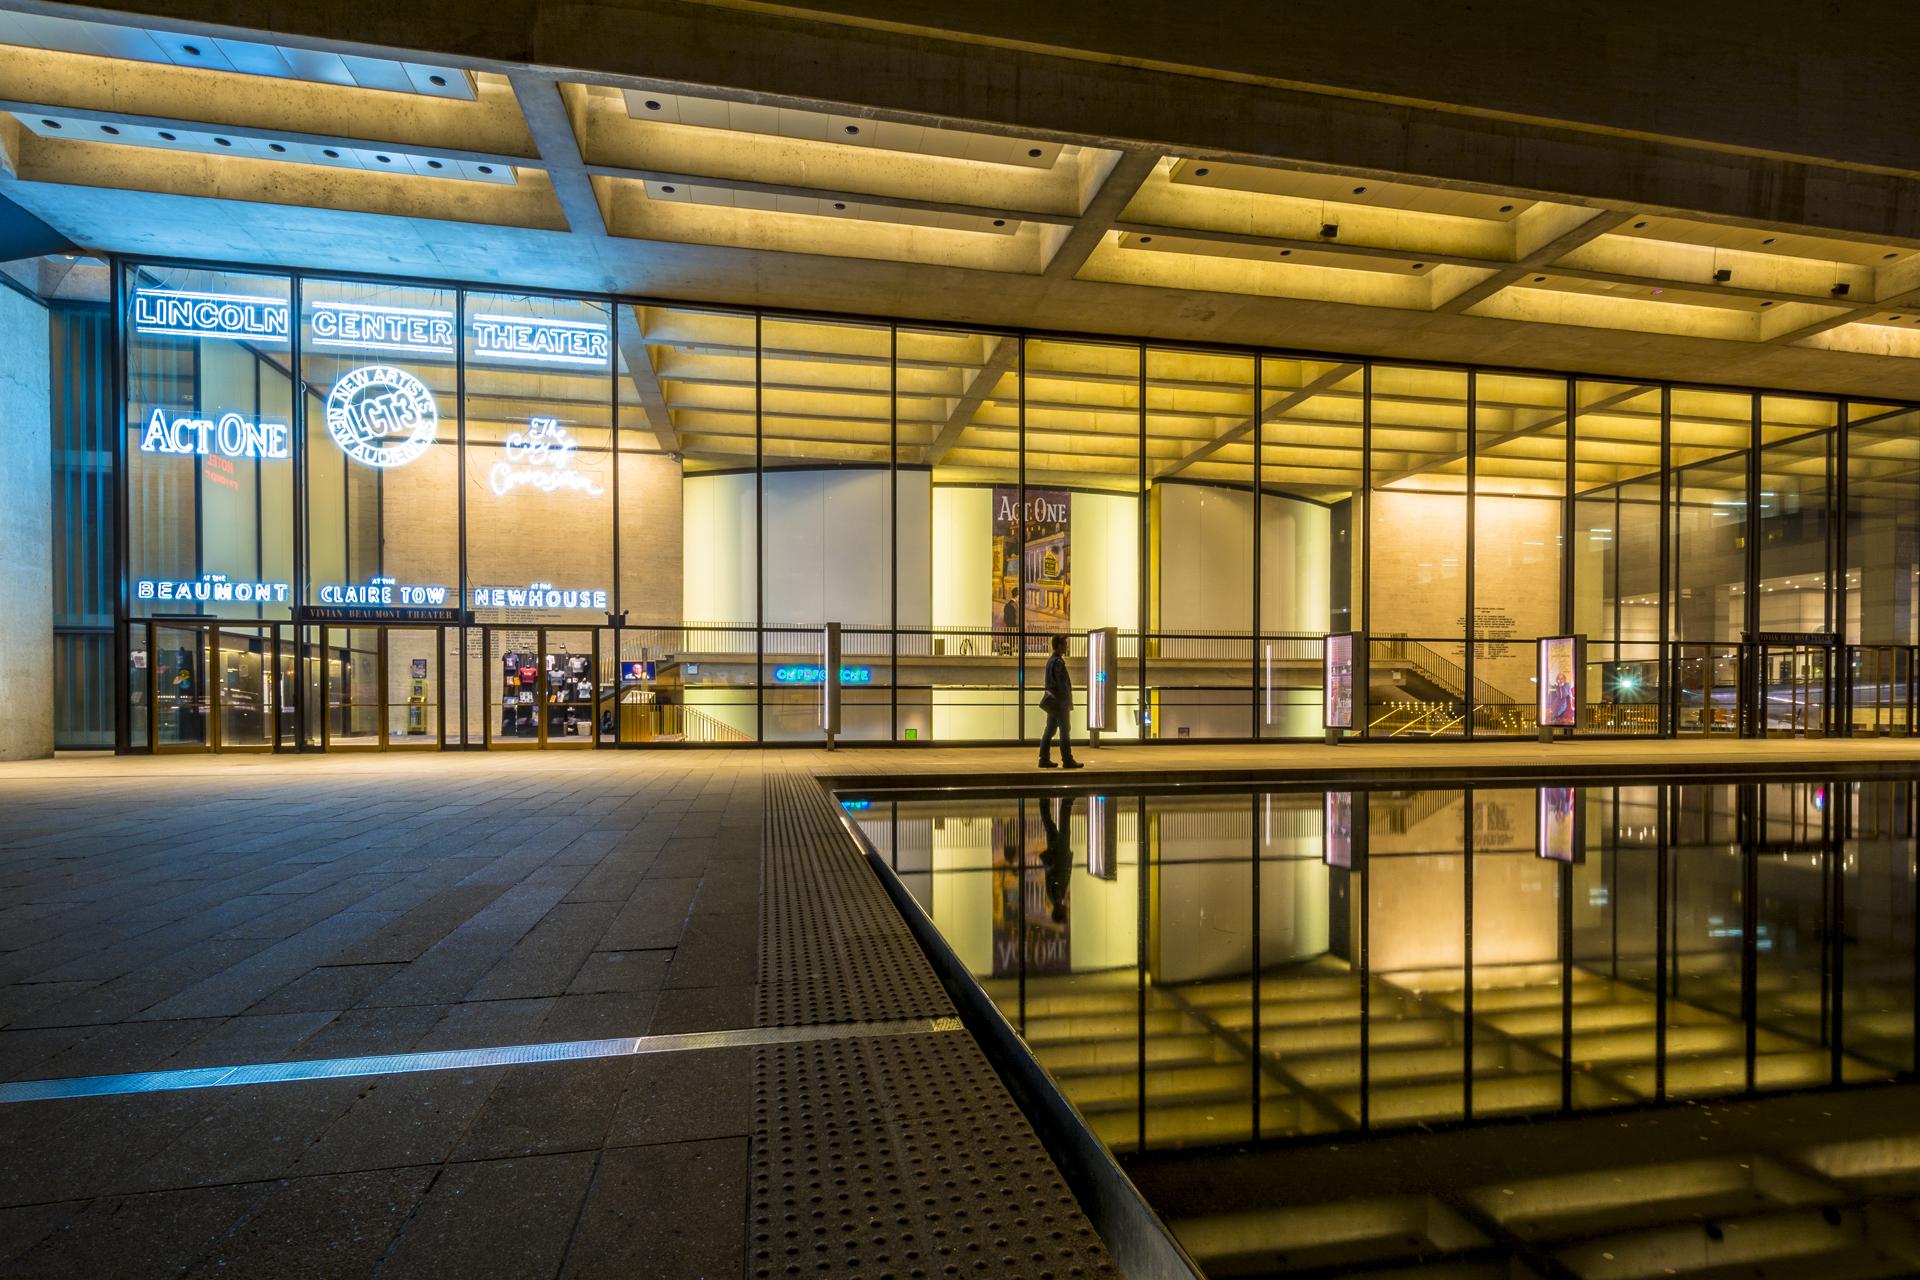 Lincoln Center Plaza Vivian Beaumont Theatre